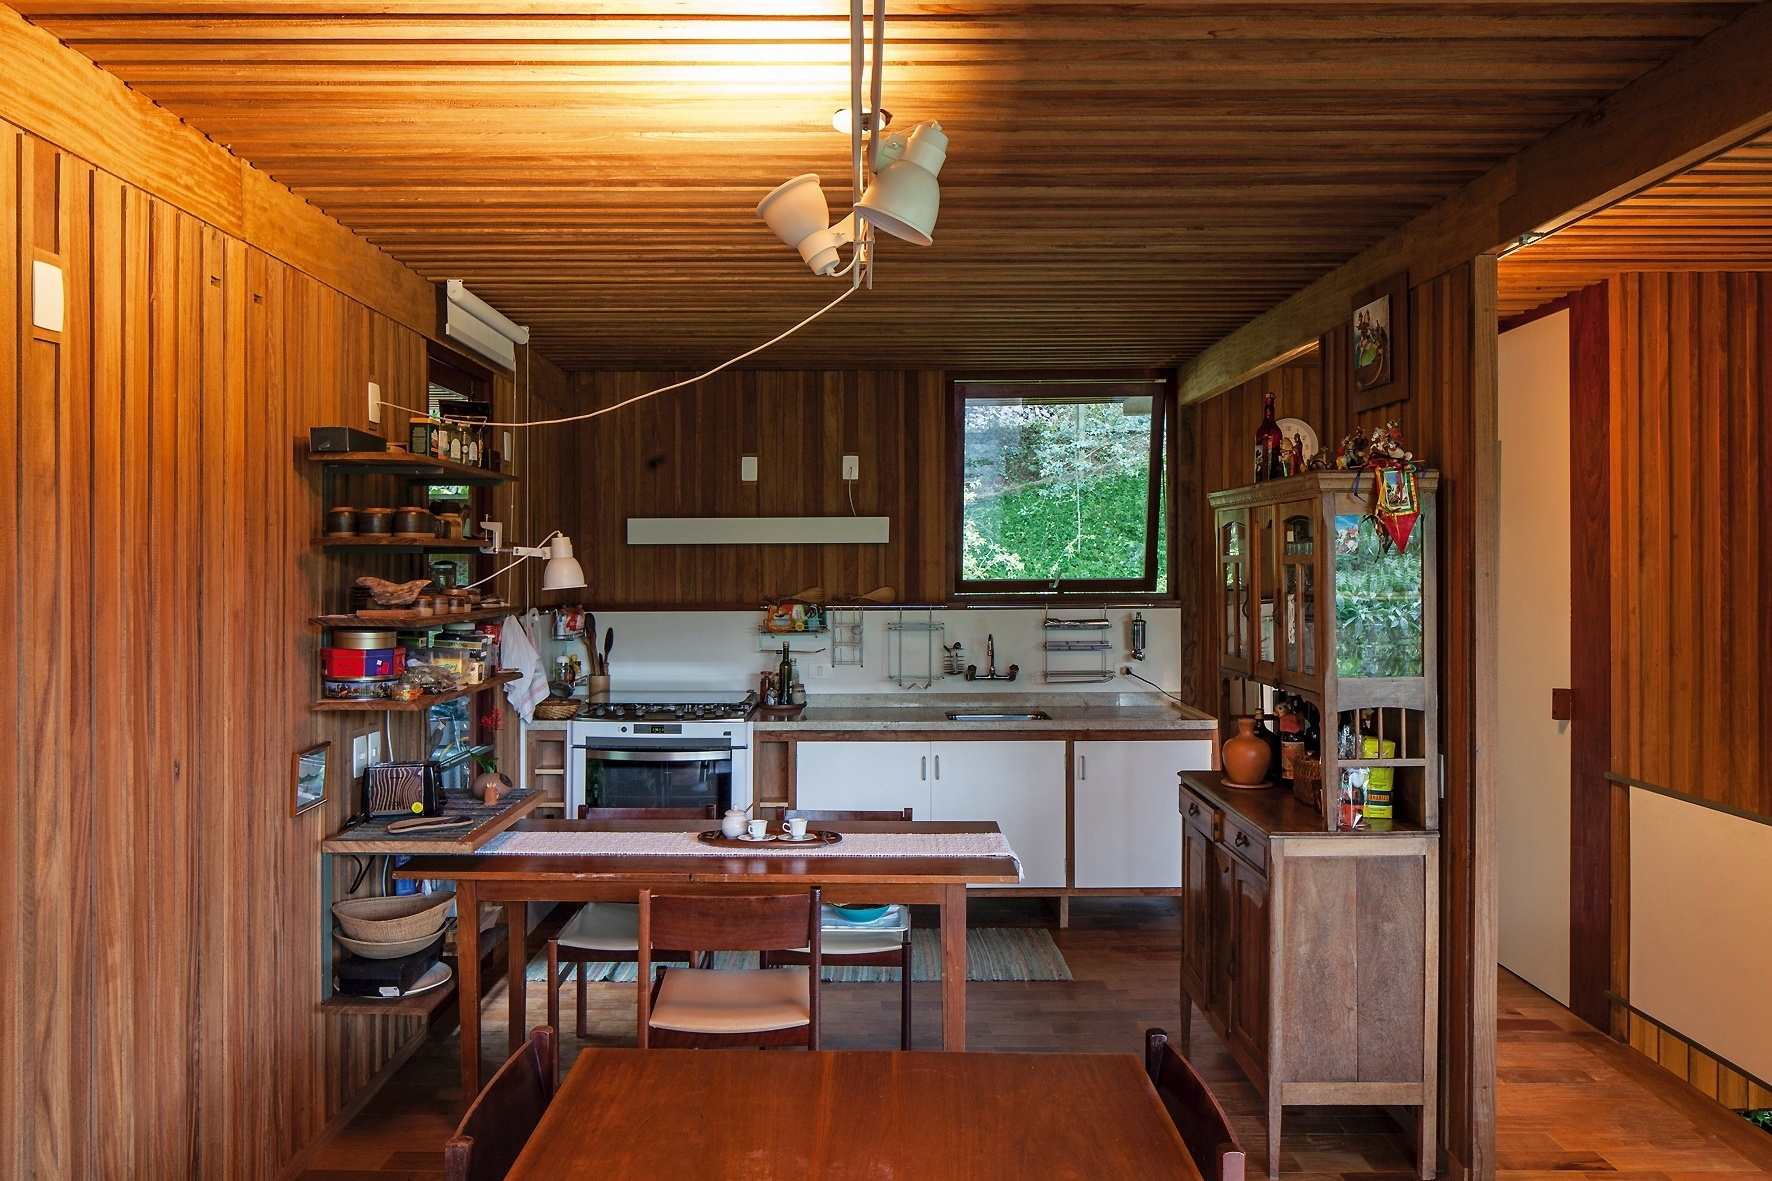 se a porta de vidro que separa a cozinha da lavanderia além da  #B34F11 1772 1181